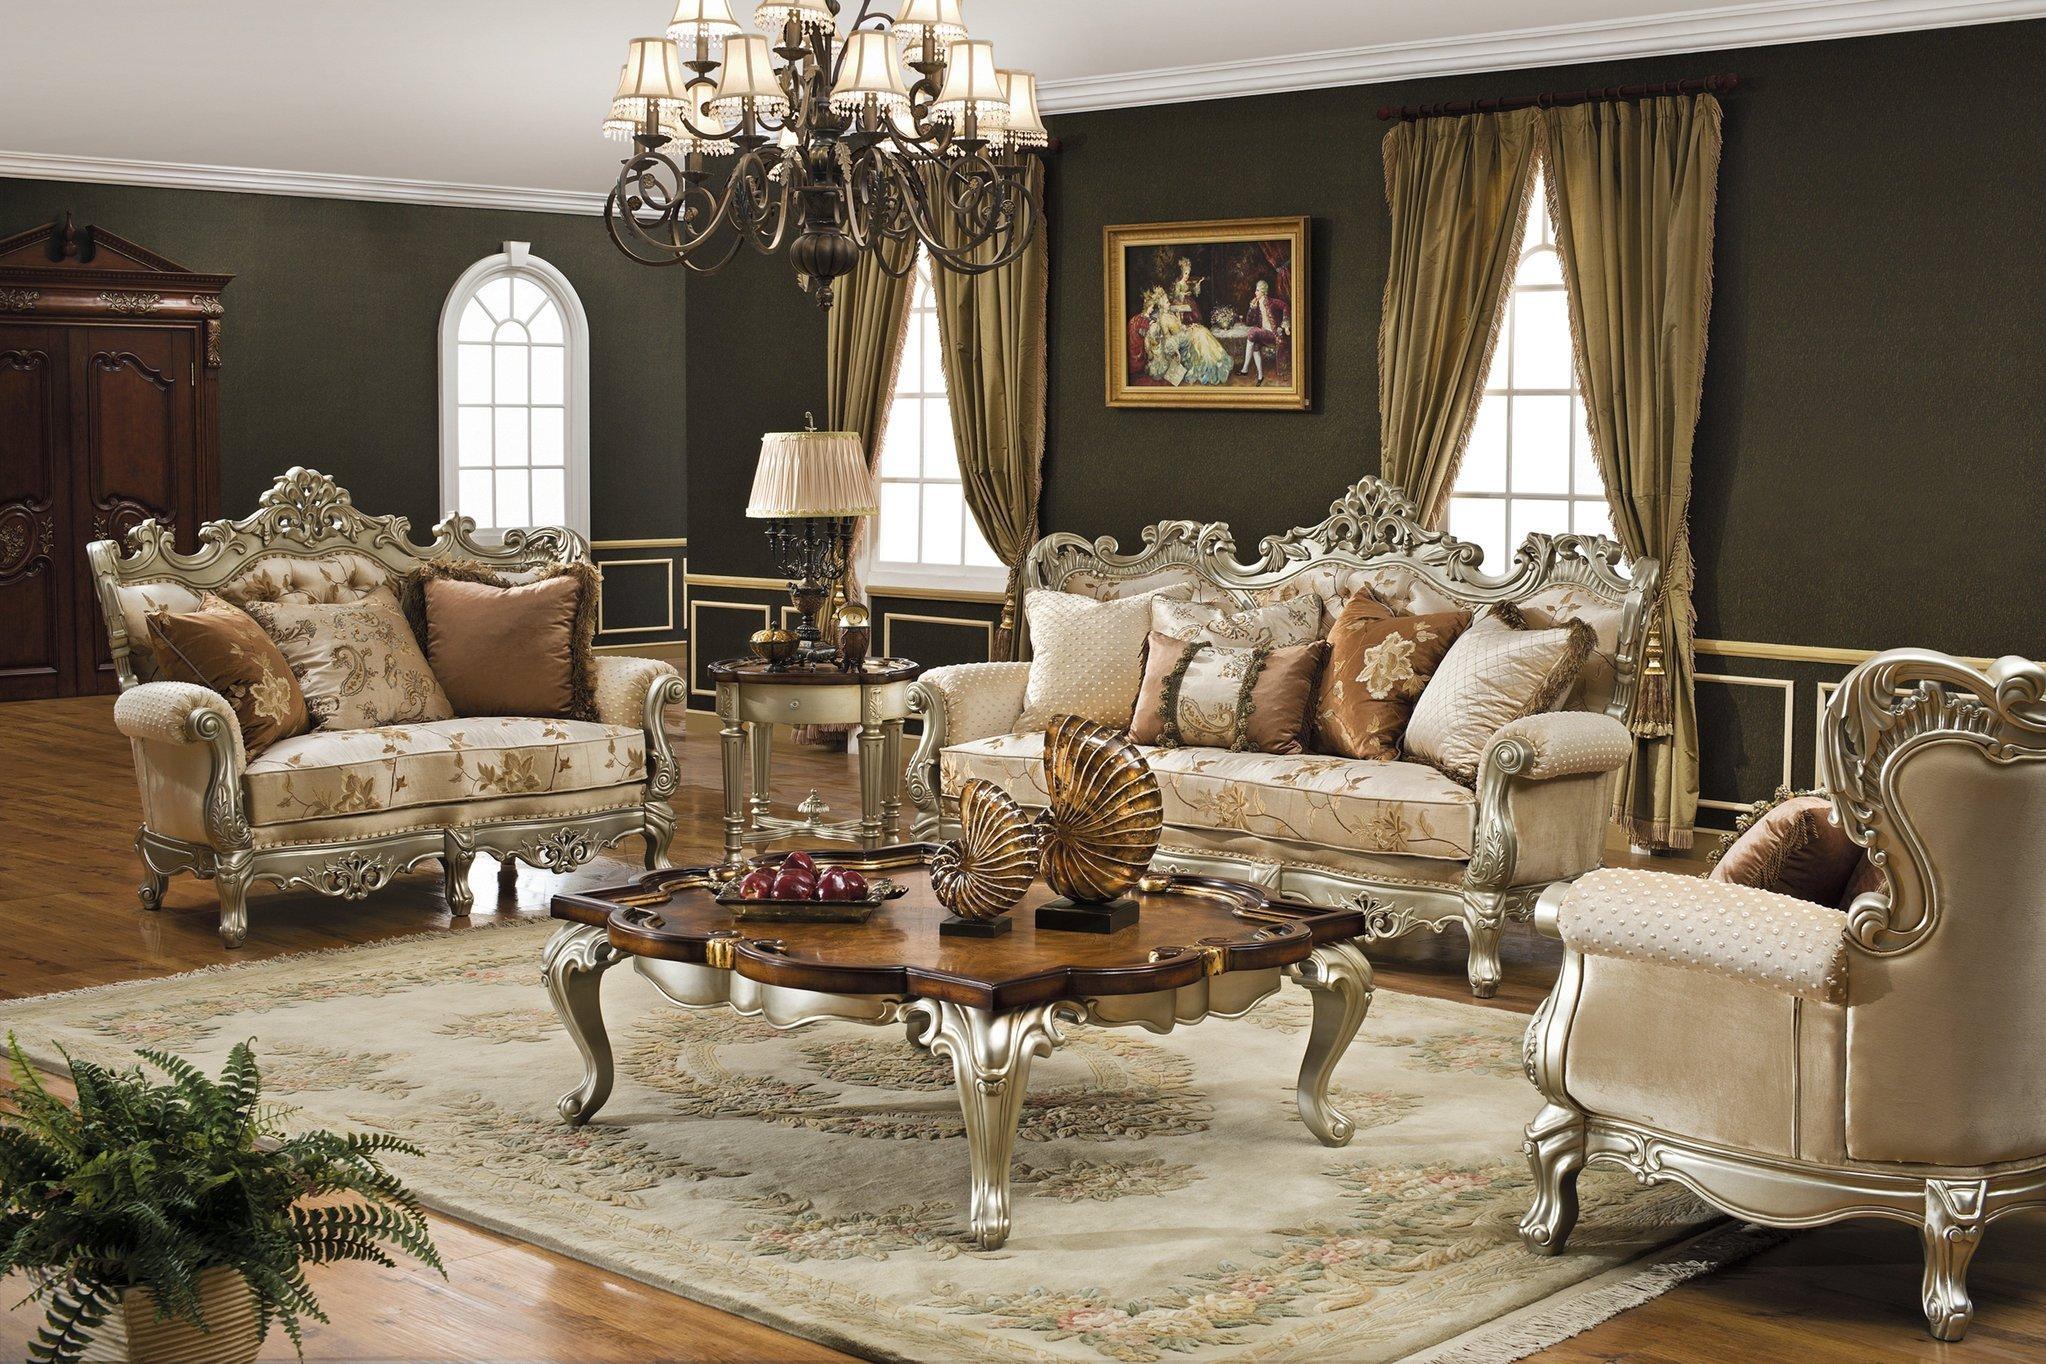 Sofas Center : Traditional Elegant Sofa Setstraditional Sets Set Throughout Elegant Sofas And Chairs (View 11 of 20)